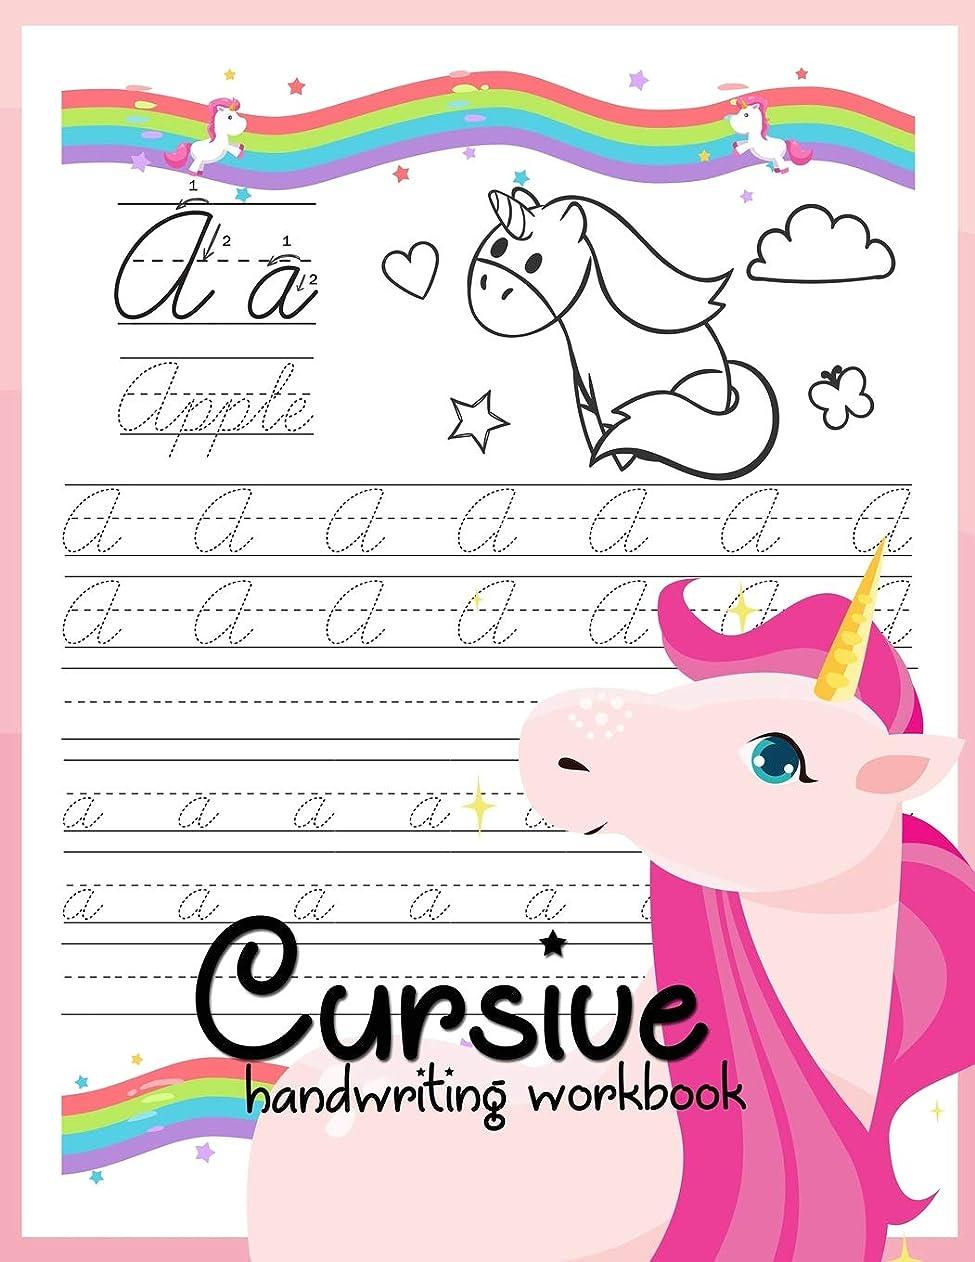 記憶に残る赤字驚くべきCursive handwriting workbook: Unicorn Cursive Writing Practice Book Homework For Girl Kids Beginners How to Write Cursive Alfhabet Step By Step And 104 Word To Practice And 26 Unicorn Coloring